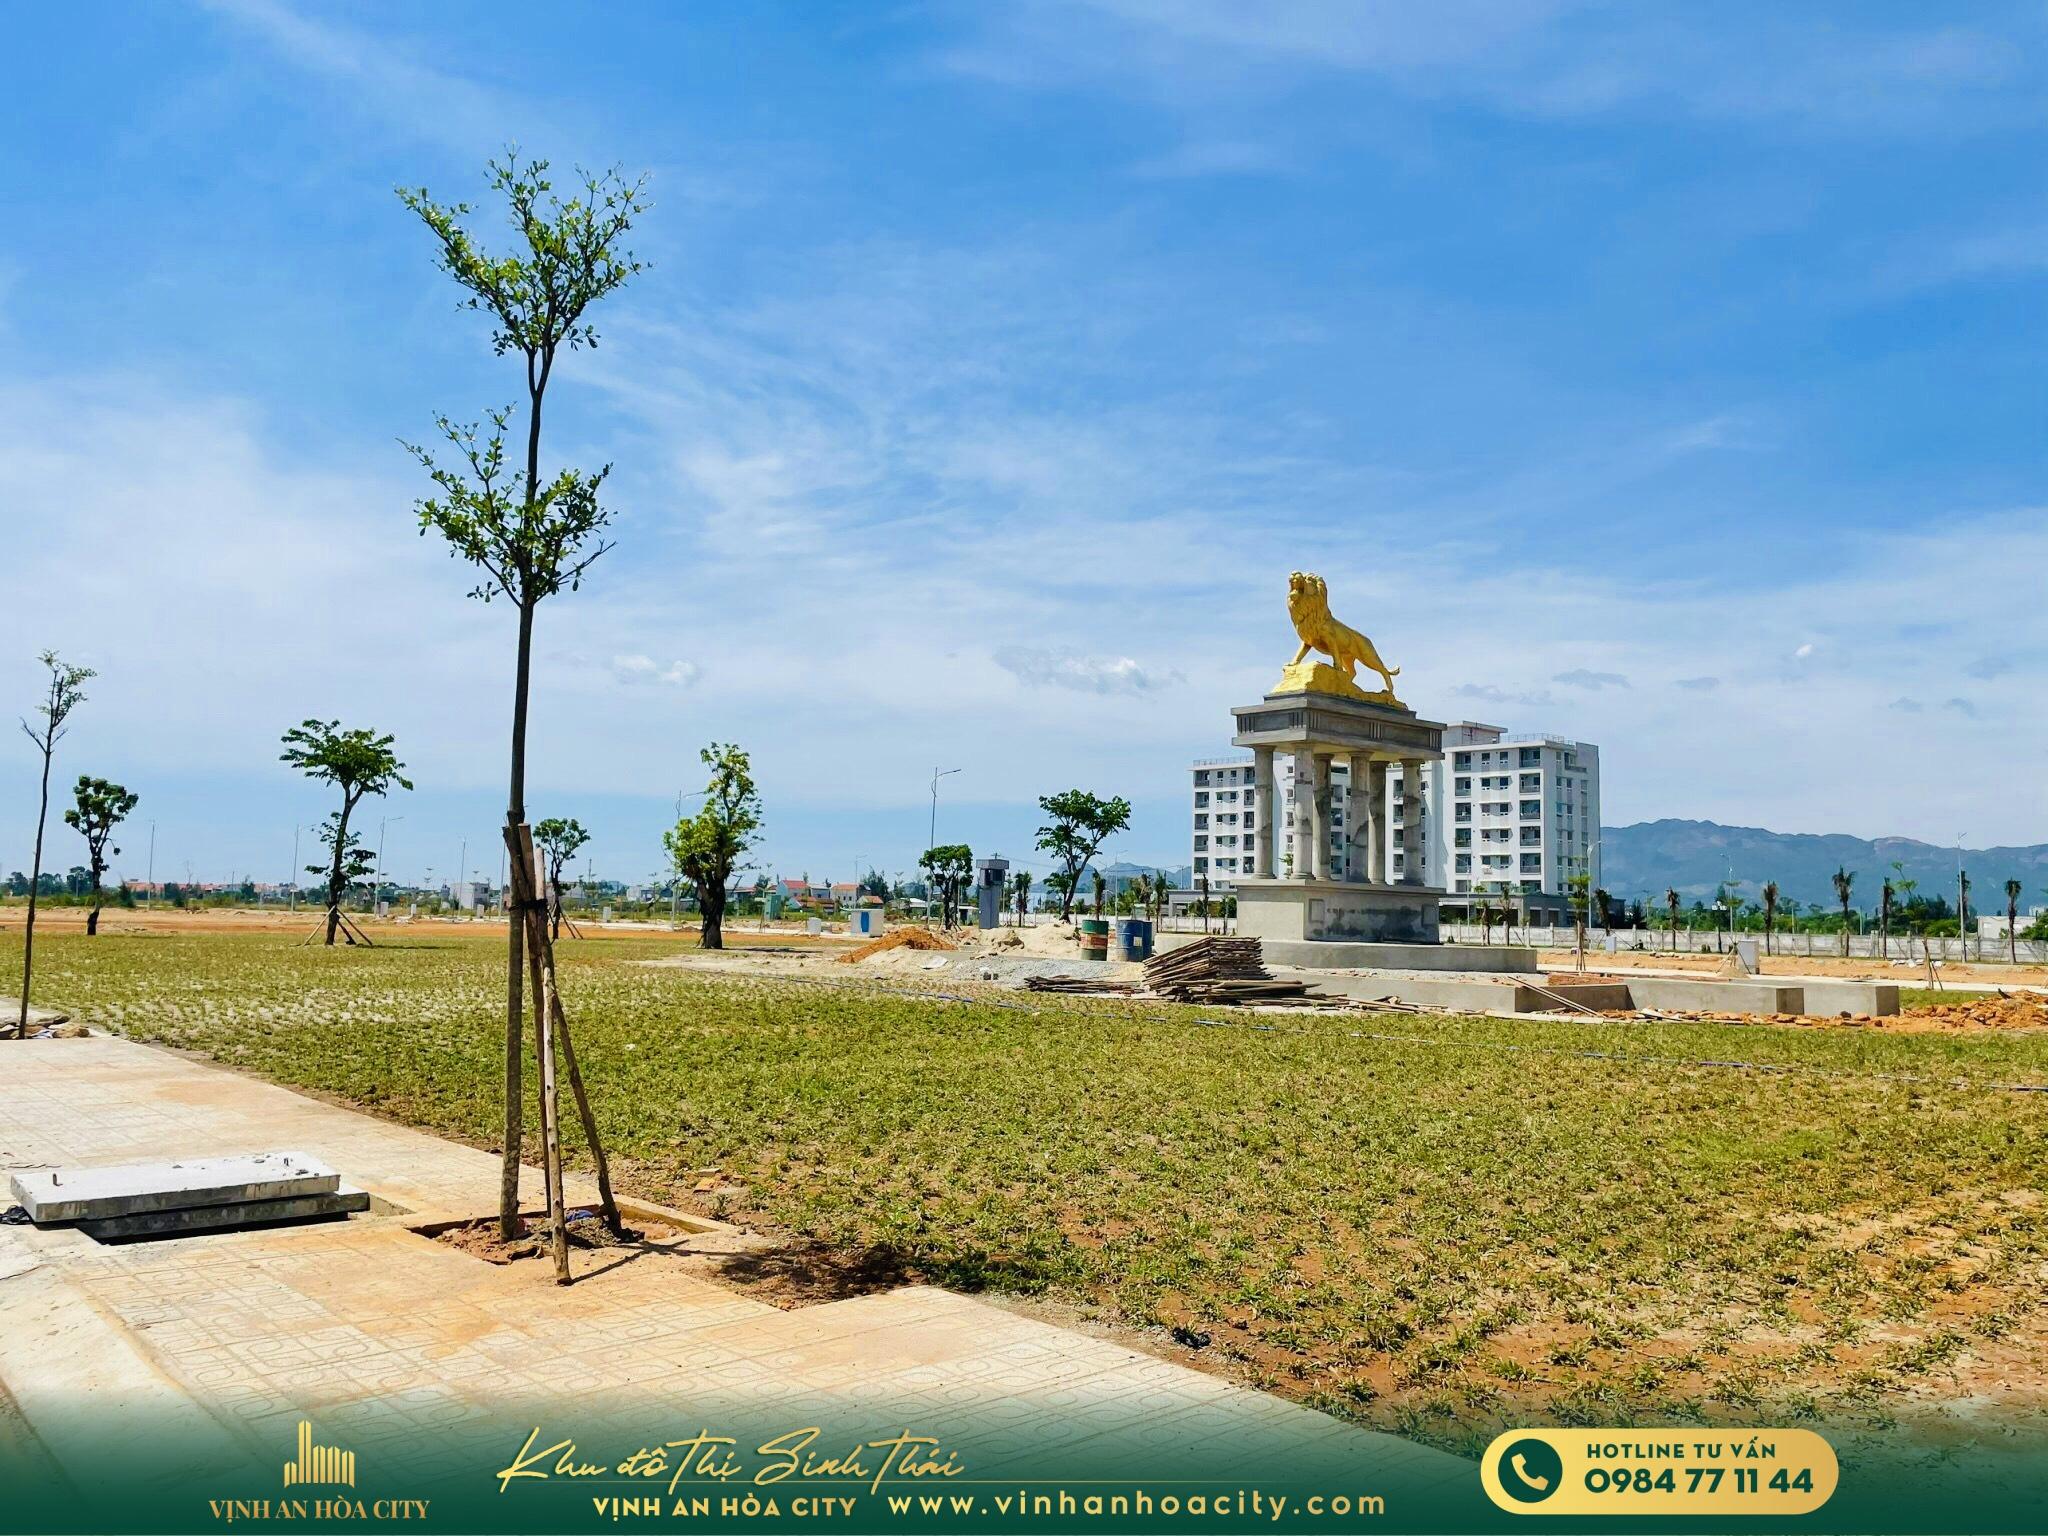 Cập nhật tiến độ dự án Biệt thự Hoa Sứ Vịnh An Hoà City